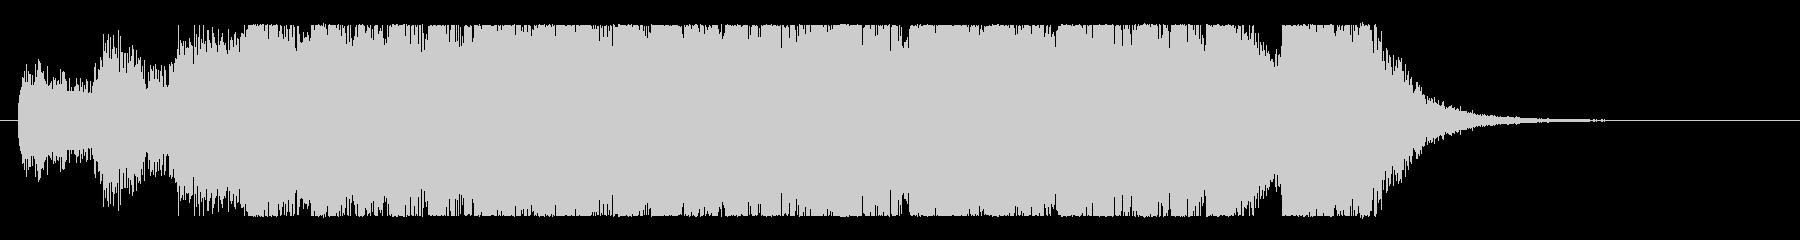 ハロウィンオーケストラ♪壮大コミカルロゴの未再生の波形